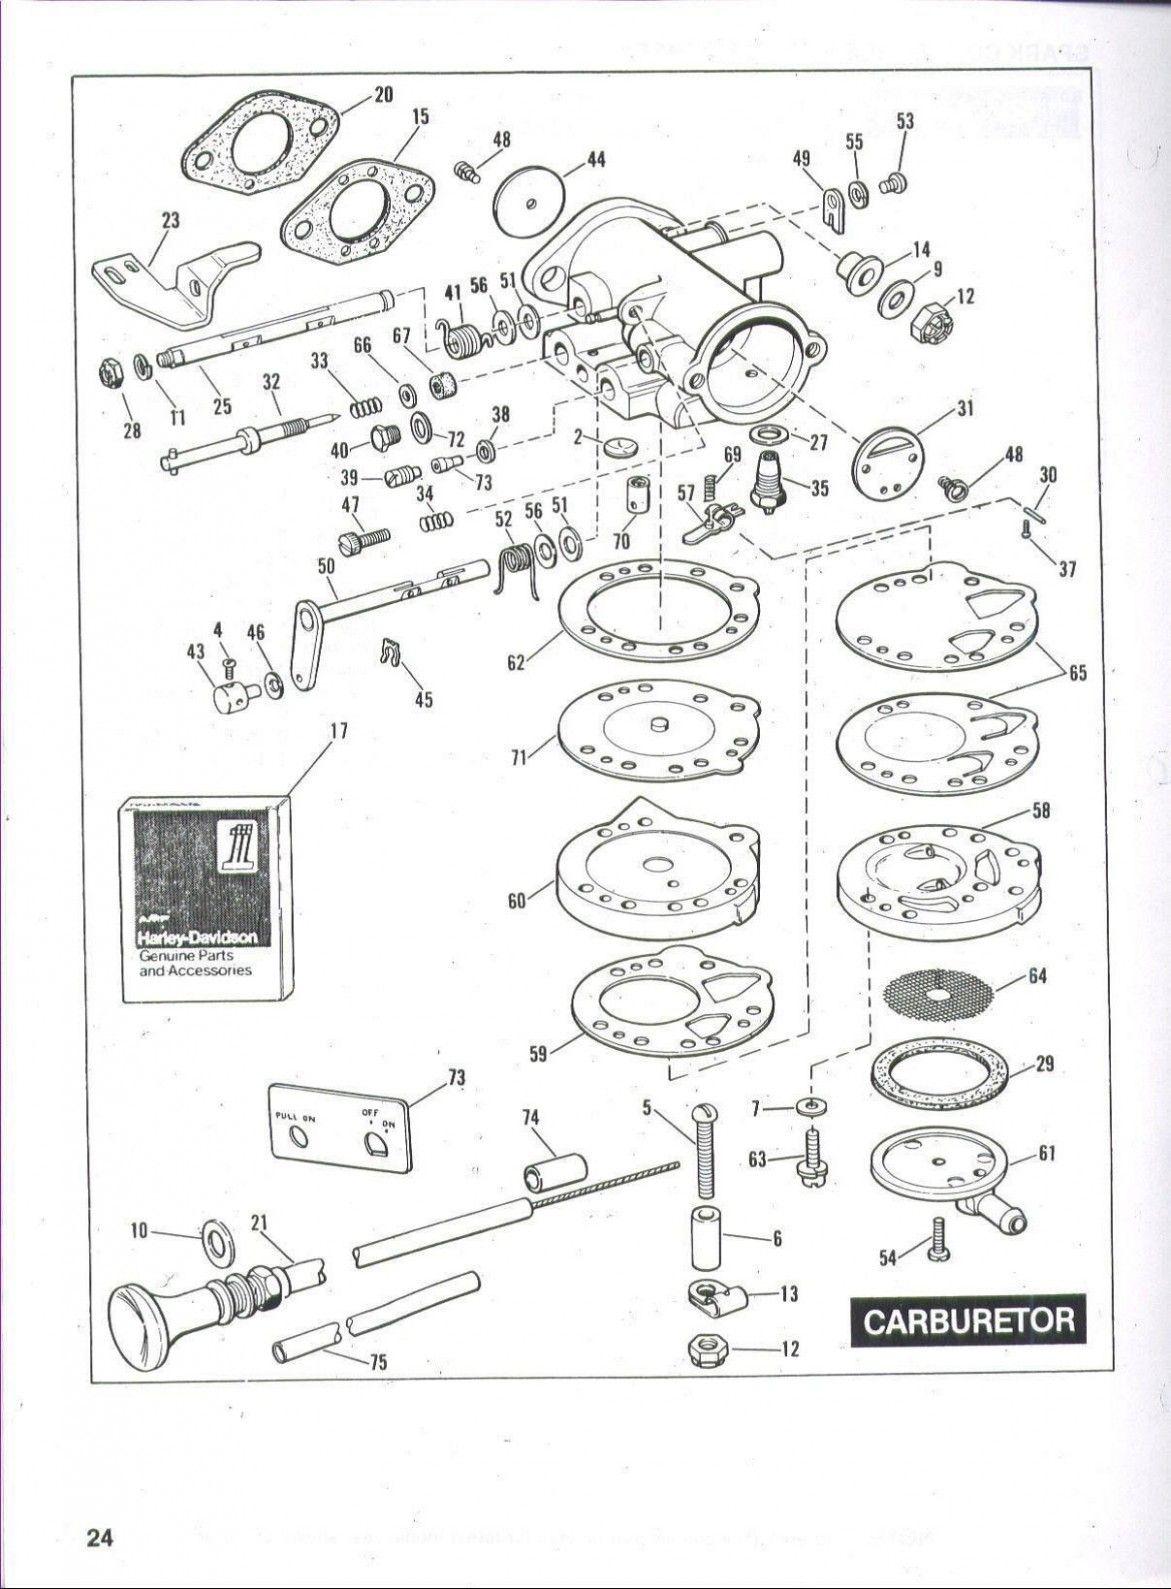 Yamaha Golf Cart Engine Parts Diagram Yamaha Golf Cart